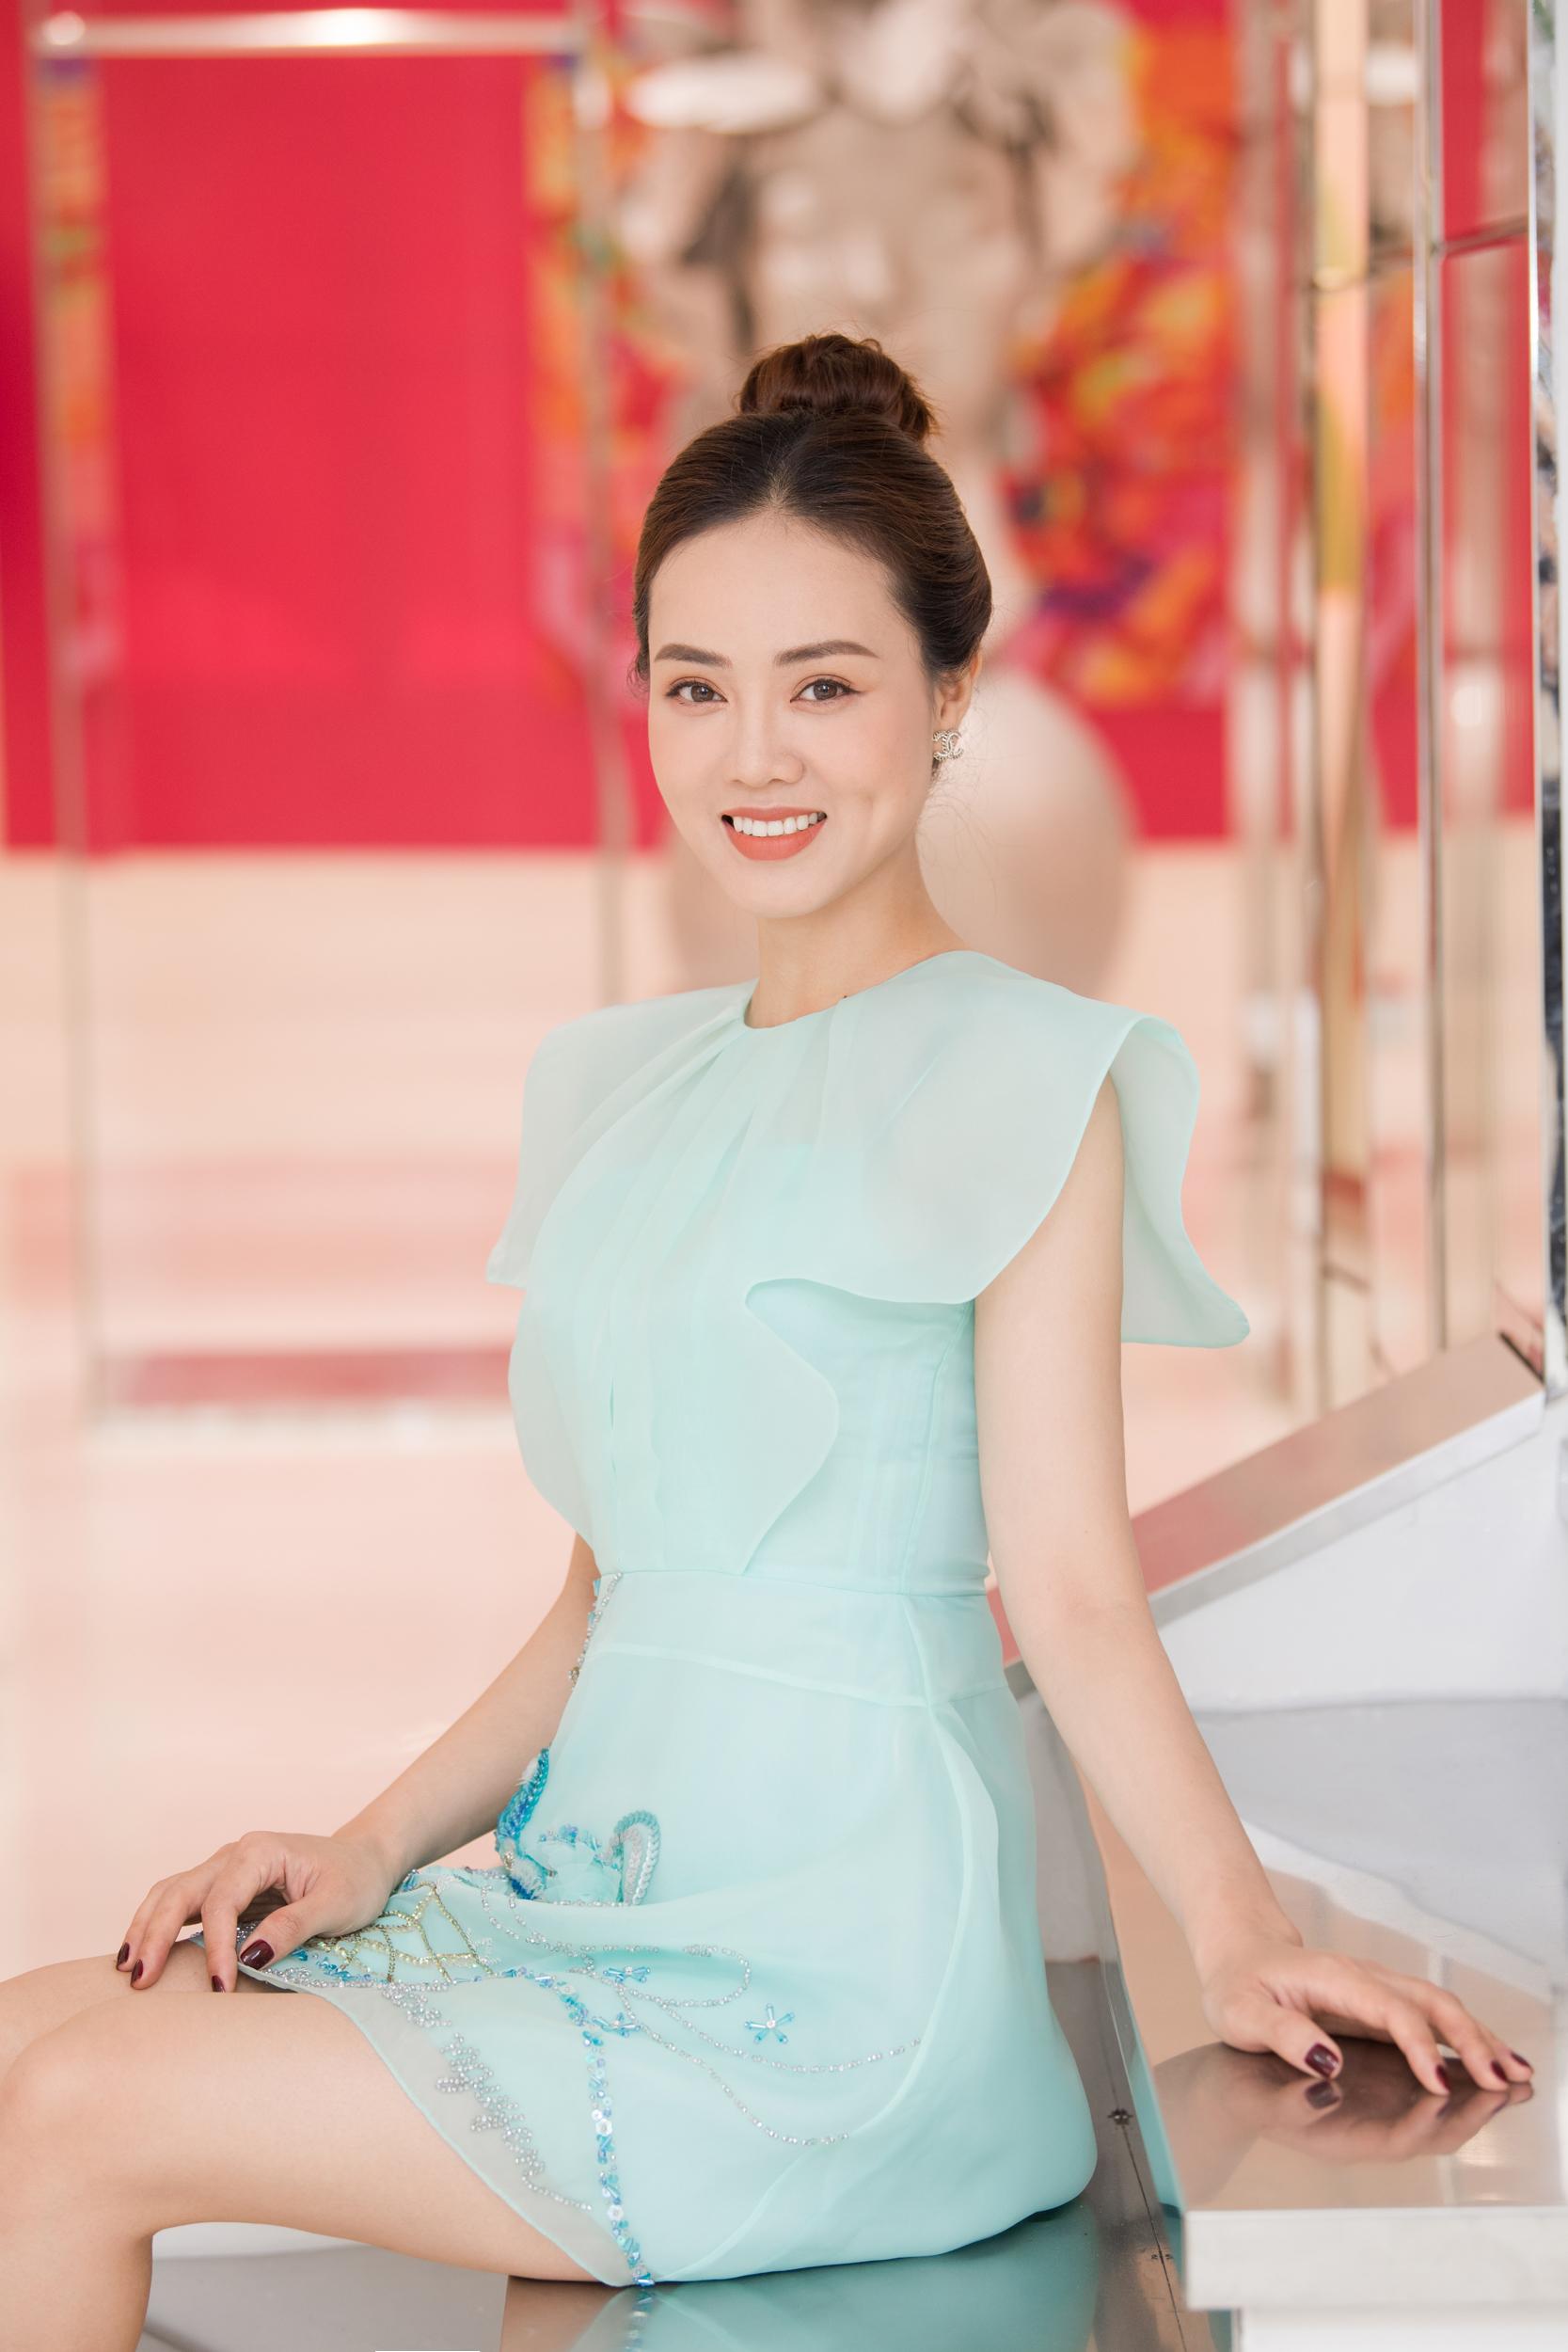 Sau 3 tháng kết hôn với cô Đẩu, Ngọc Hà cho biết cô tăng 2 kg, nhờ thế mà cũng được nhiều người khen nhan sắc thăng hạng.